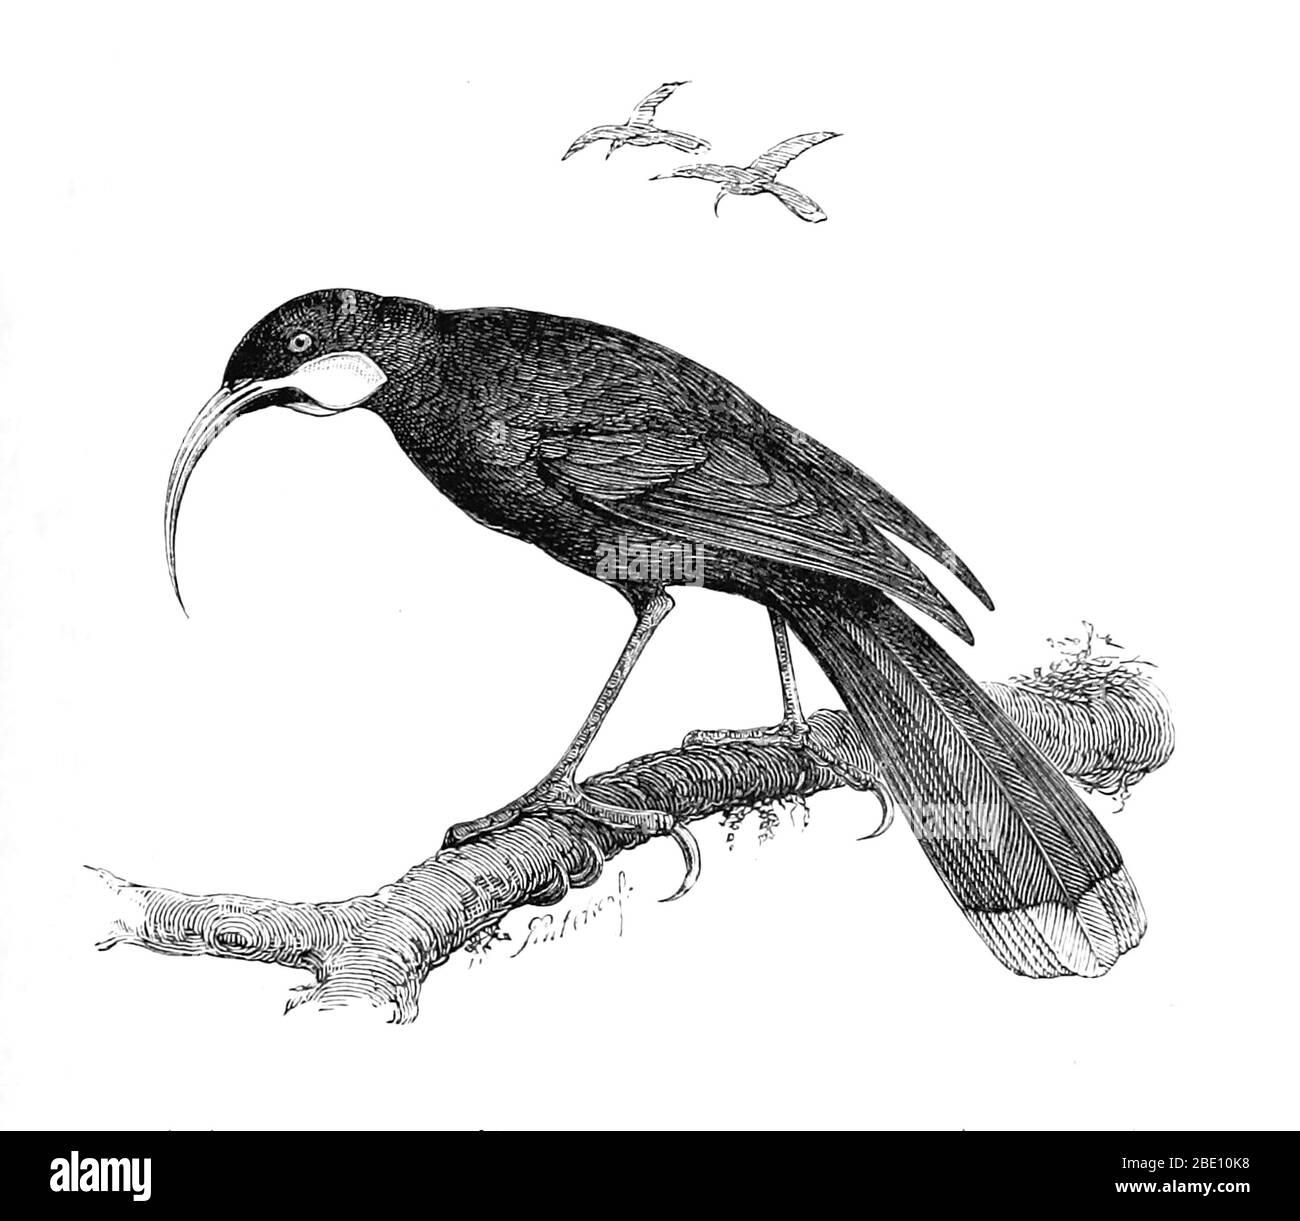 Der huia (Heteralocha acutirostris) war die größte neuseeländische Wattlebird-Art, die auf der Nordinsel Neuseelands endemisch ist. Sein Aussterben im frühen 20. Jahrhundert hatte zwei Hauptursachen. Die erste war eine grassierende Überjagung, um huia-Felle für montierte Exemplare zu beschaffen, die von Museen und wohlhabenden Privatsammlern weltweit nachgefragt wurden. Huia wurden auch gejagt, um ihre langen, auffälligen Schwanzfedern für lokal modische Hutdekorationen zu erhalten. Die zweite Hauptursache des Aussterbens war die weitverbreitete Abholzung der Tiefebene der Nordinsel durch europäische Siedler zur Schaffung von Pastelle Stockfoto